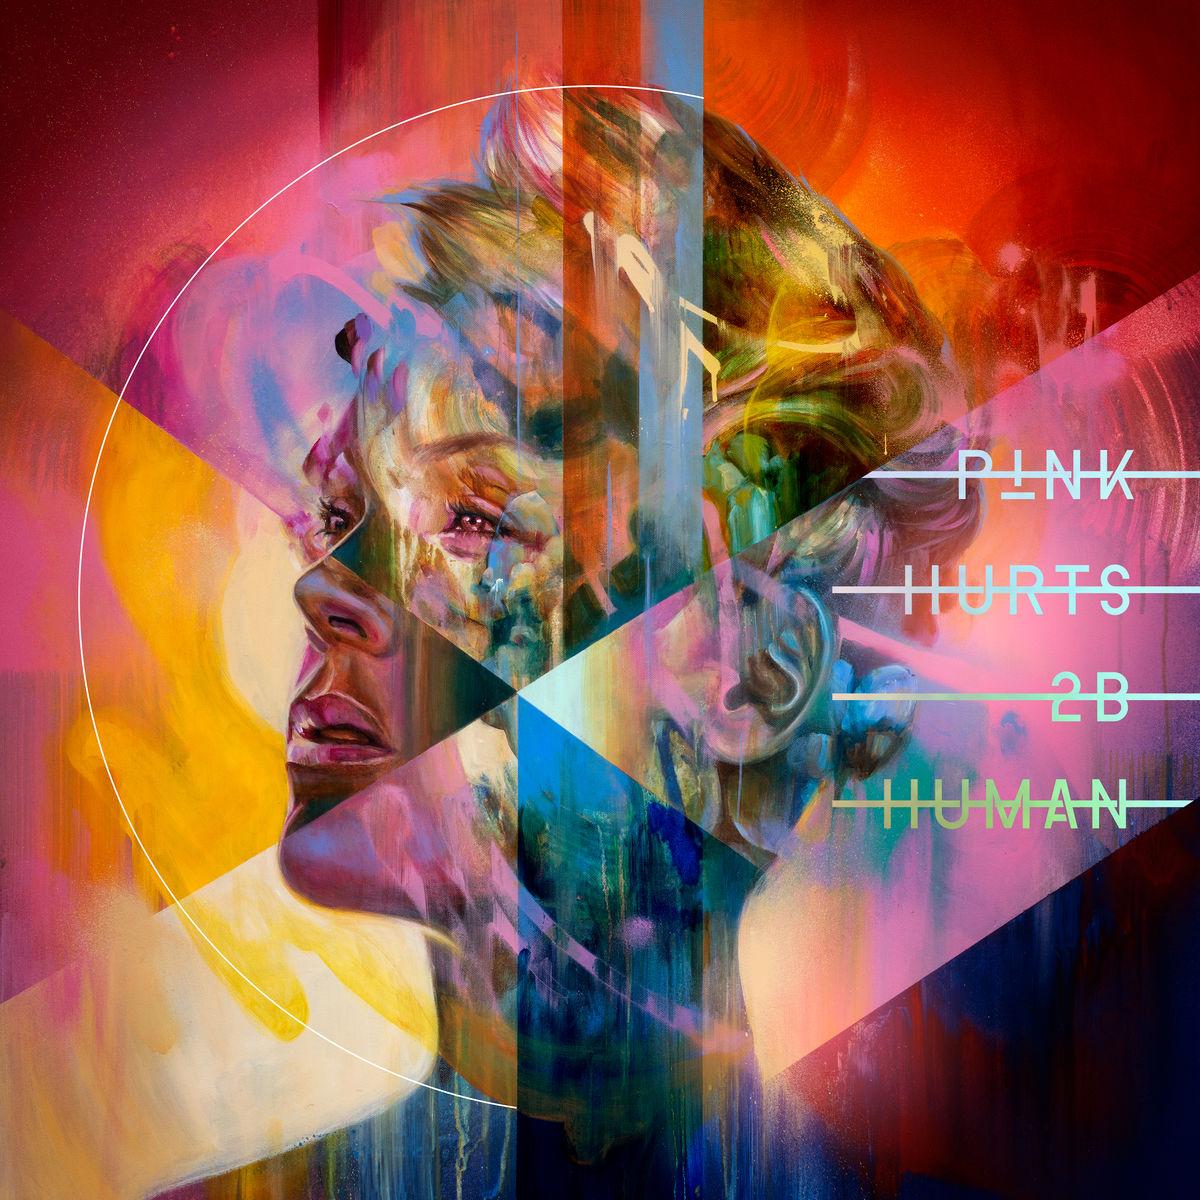 pnk-hurts_2b_human_a.jpg?838300